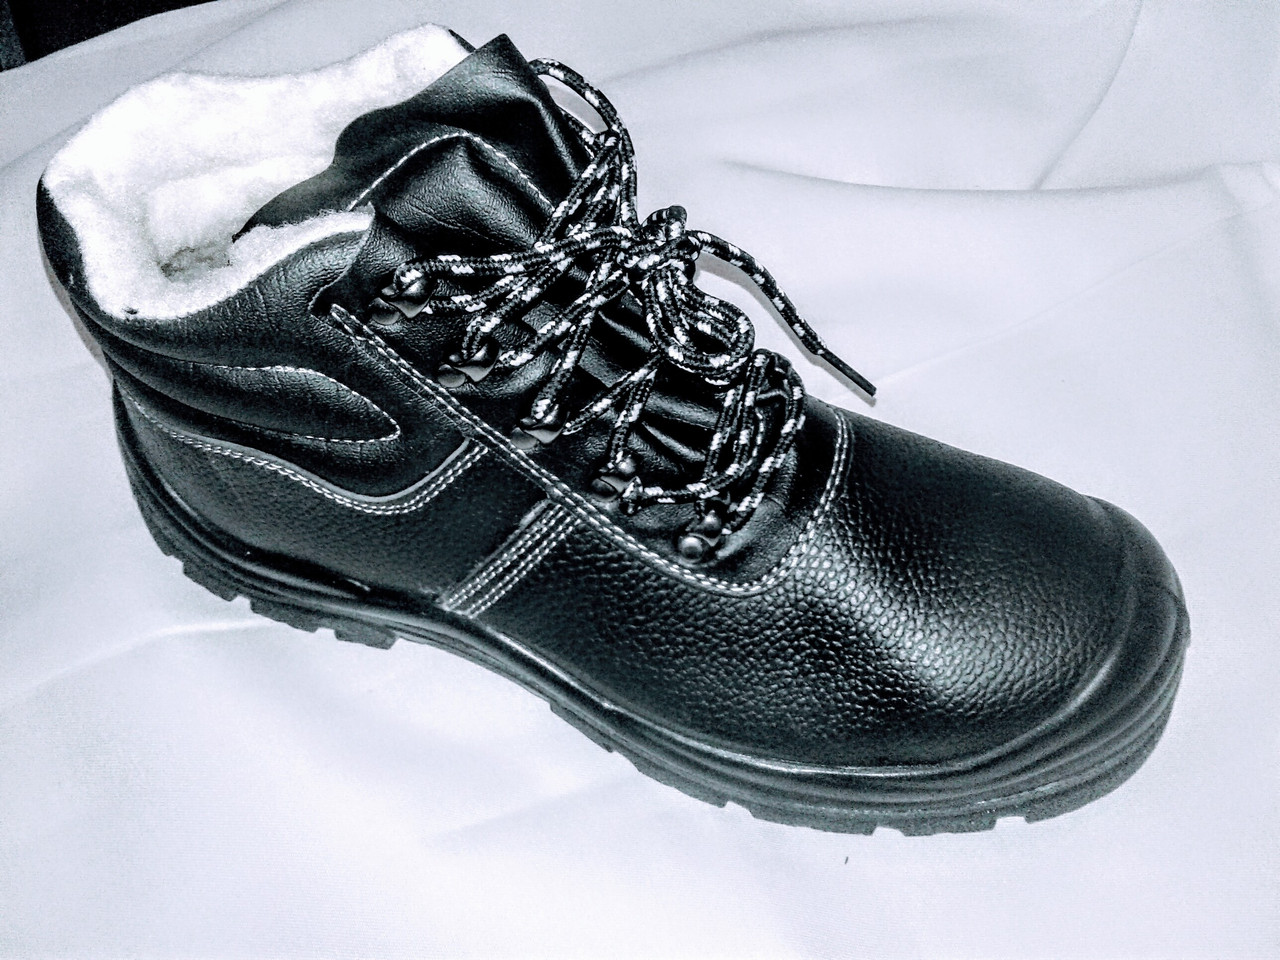 Ботинки кожанные утепленные Warmer